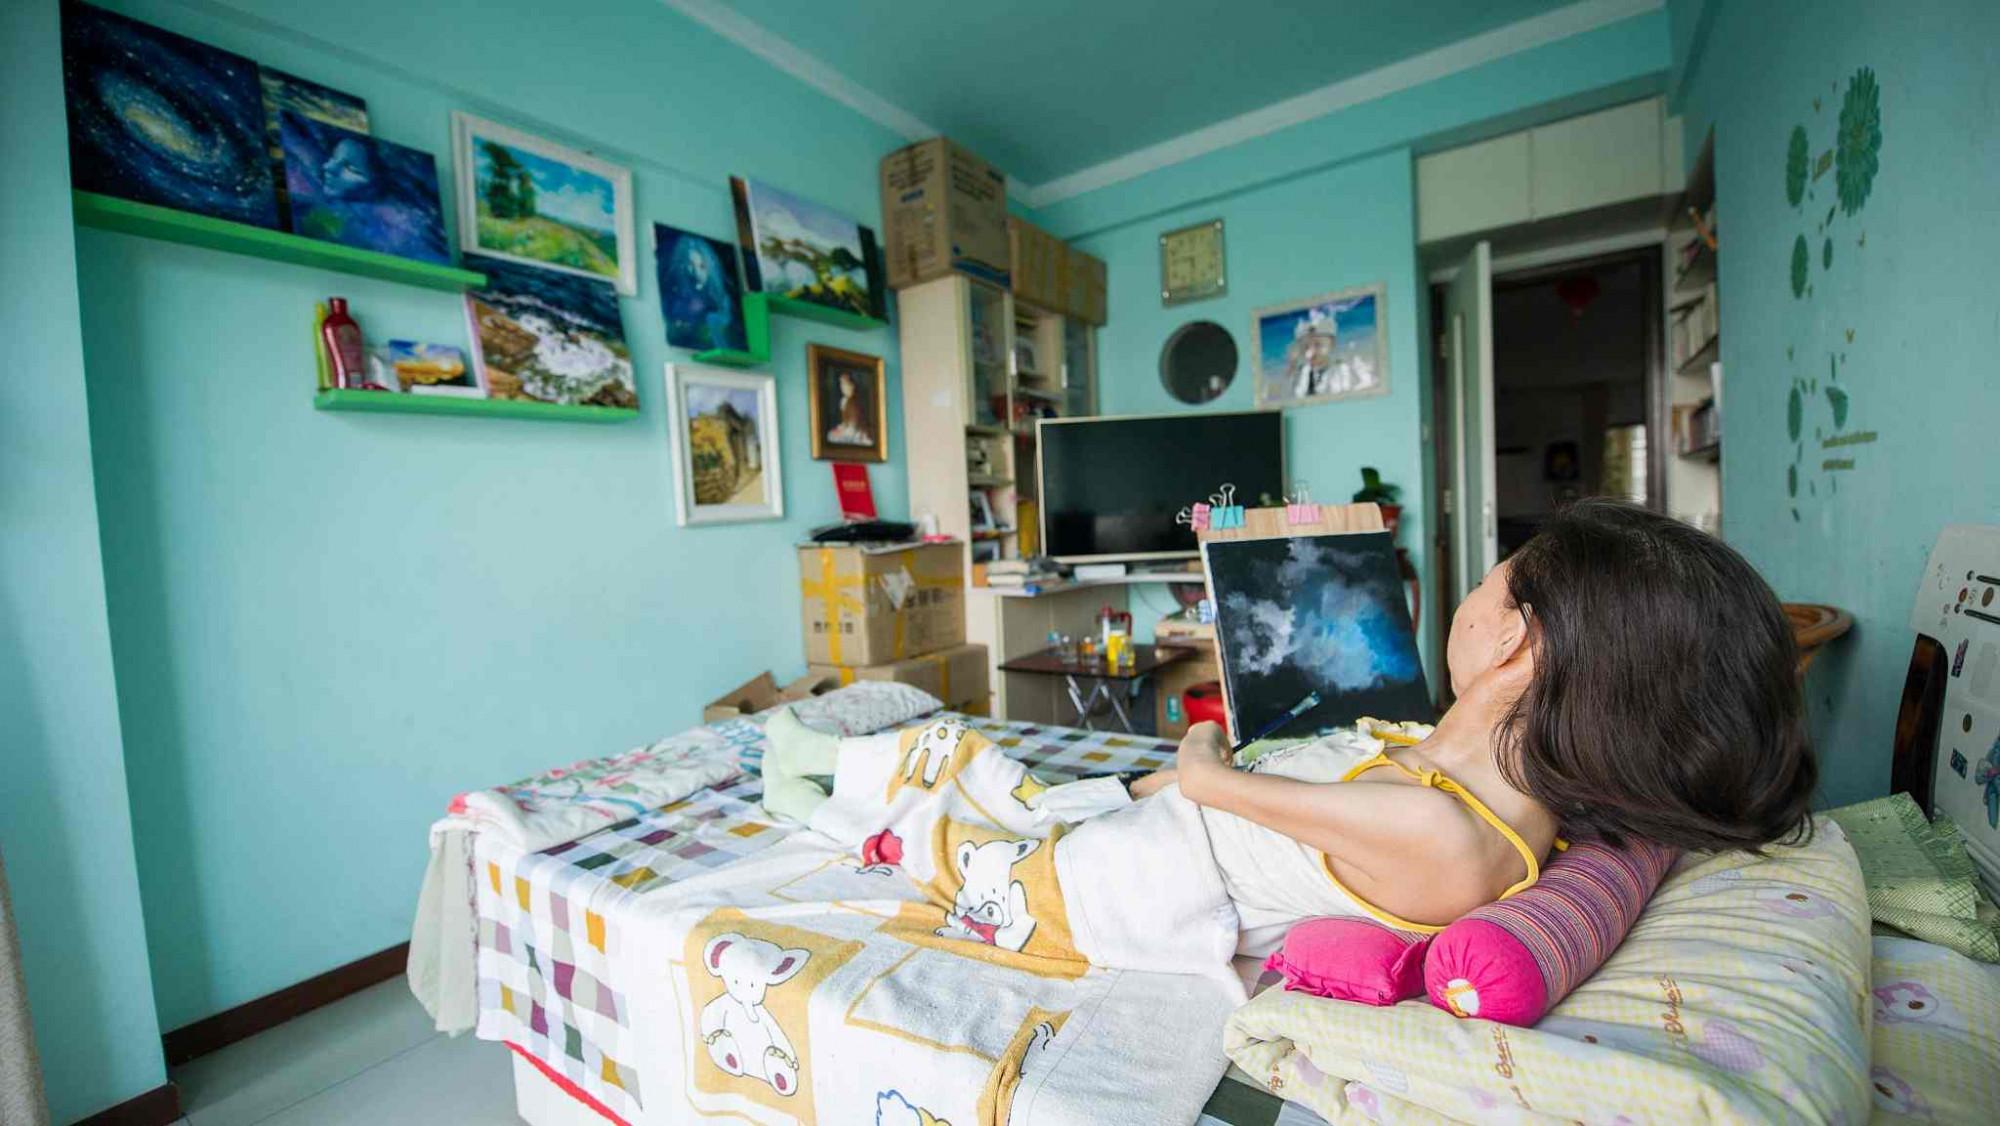 Cô Zhang phải từ bỏ ước mơ được đến trường để trở thành cô giáo vì căn bệnh quái ác của mình - Ảnh: